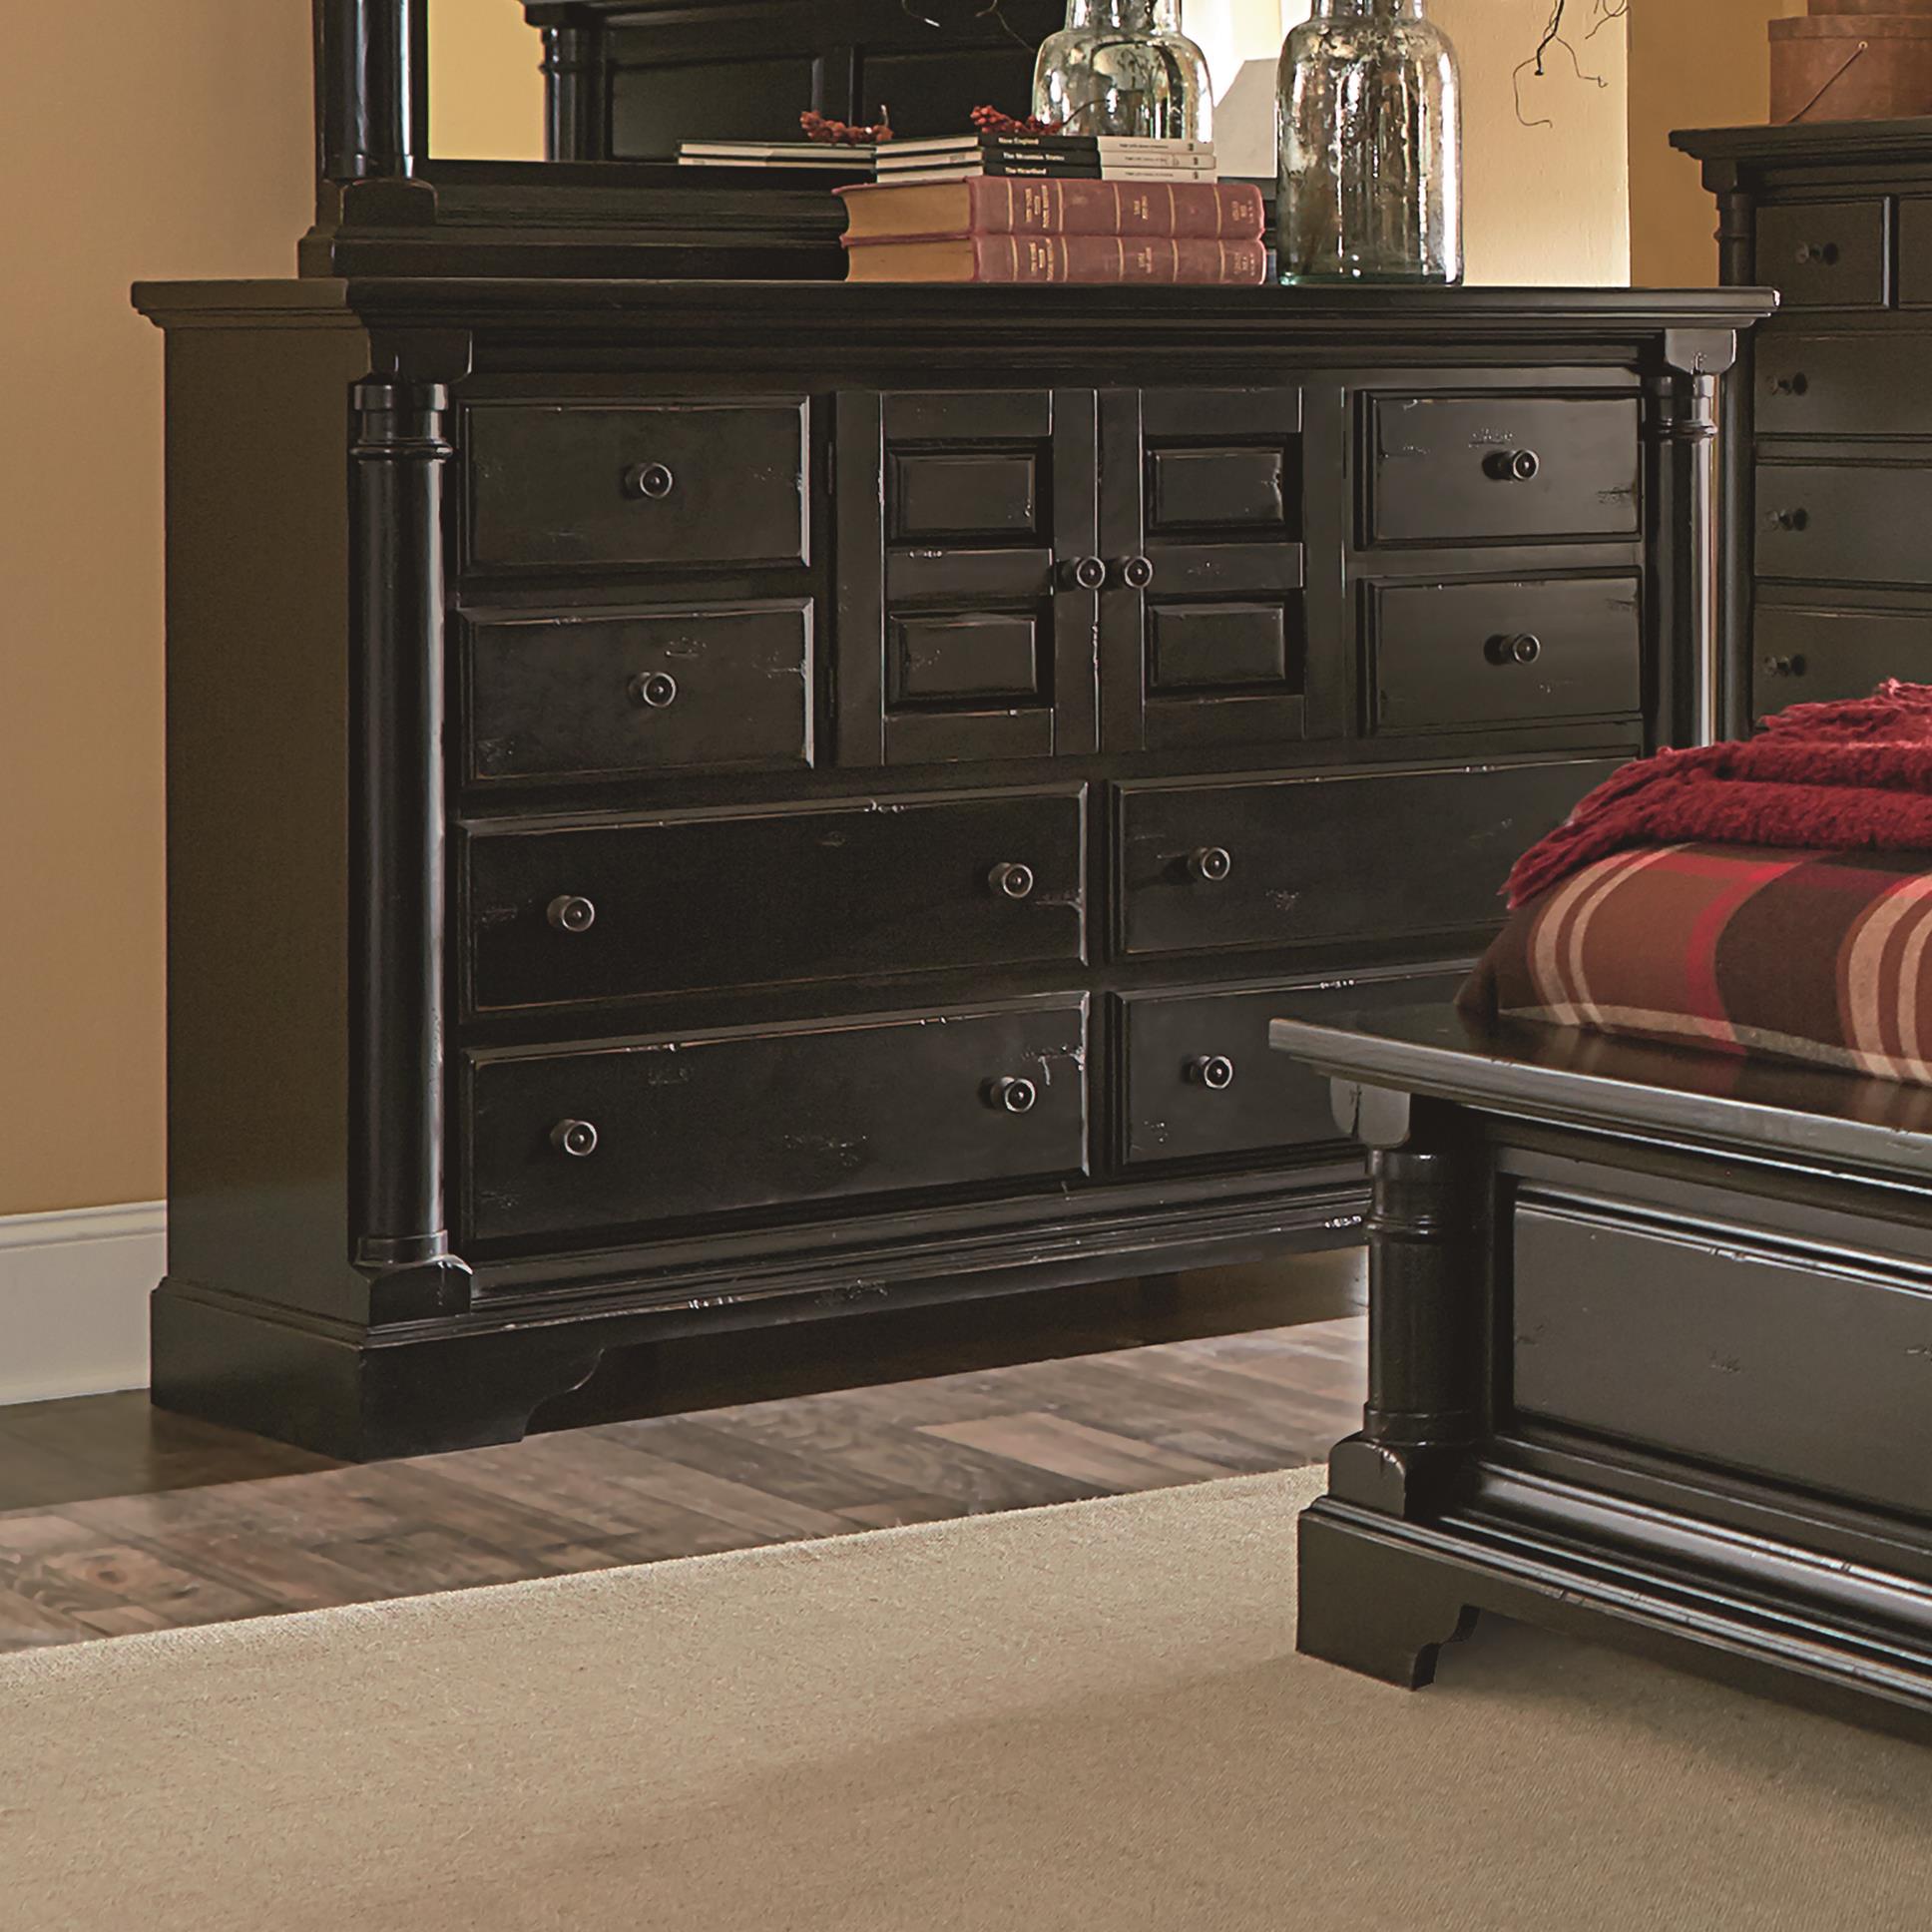 Progressive Furniture Gramercy Park Dresser - Item Number: P659-24